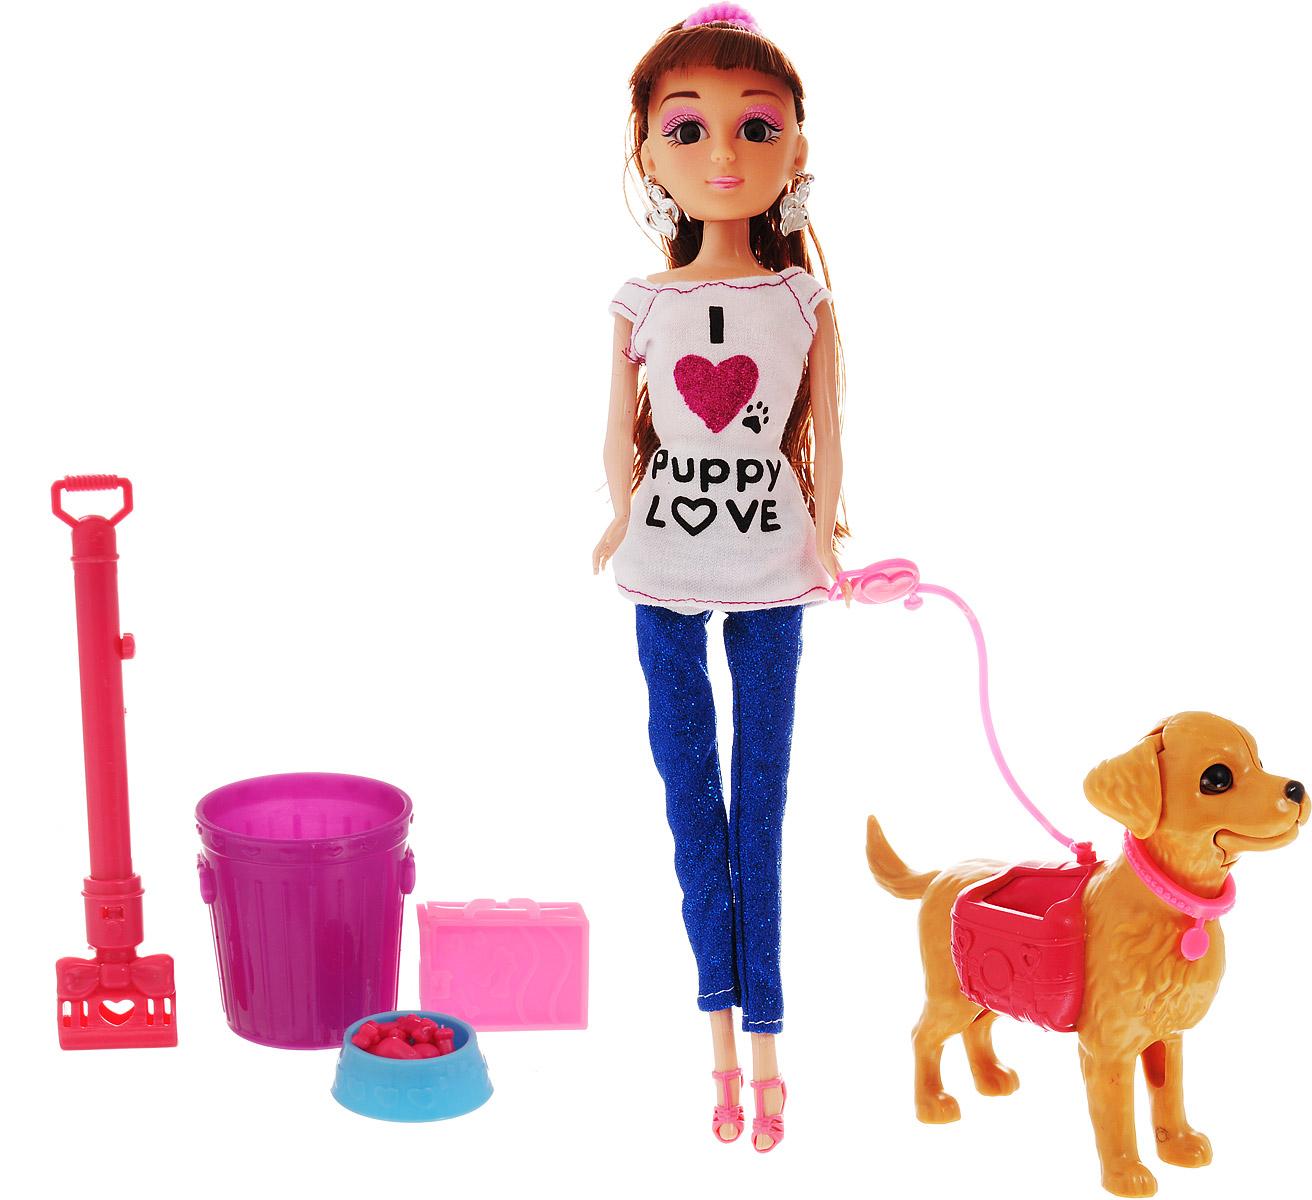 Veld-Co Игровой набор с куклой Pet Show цвет одежды белый синий veld co игровой набор с куклой торговый центр